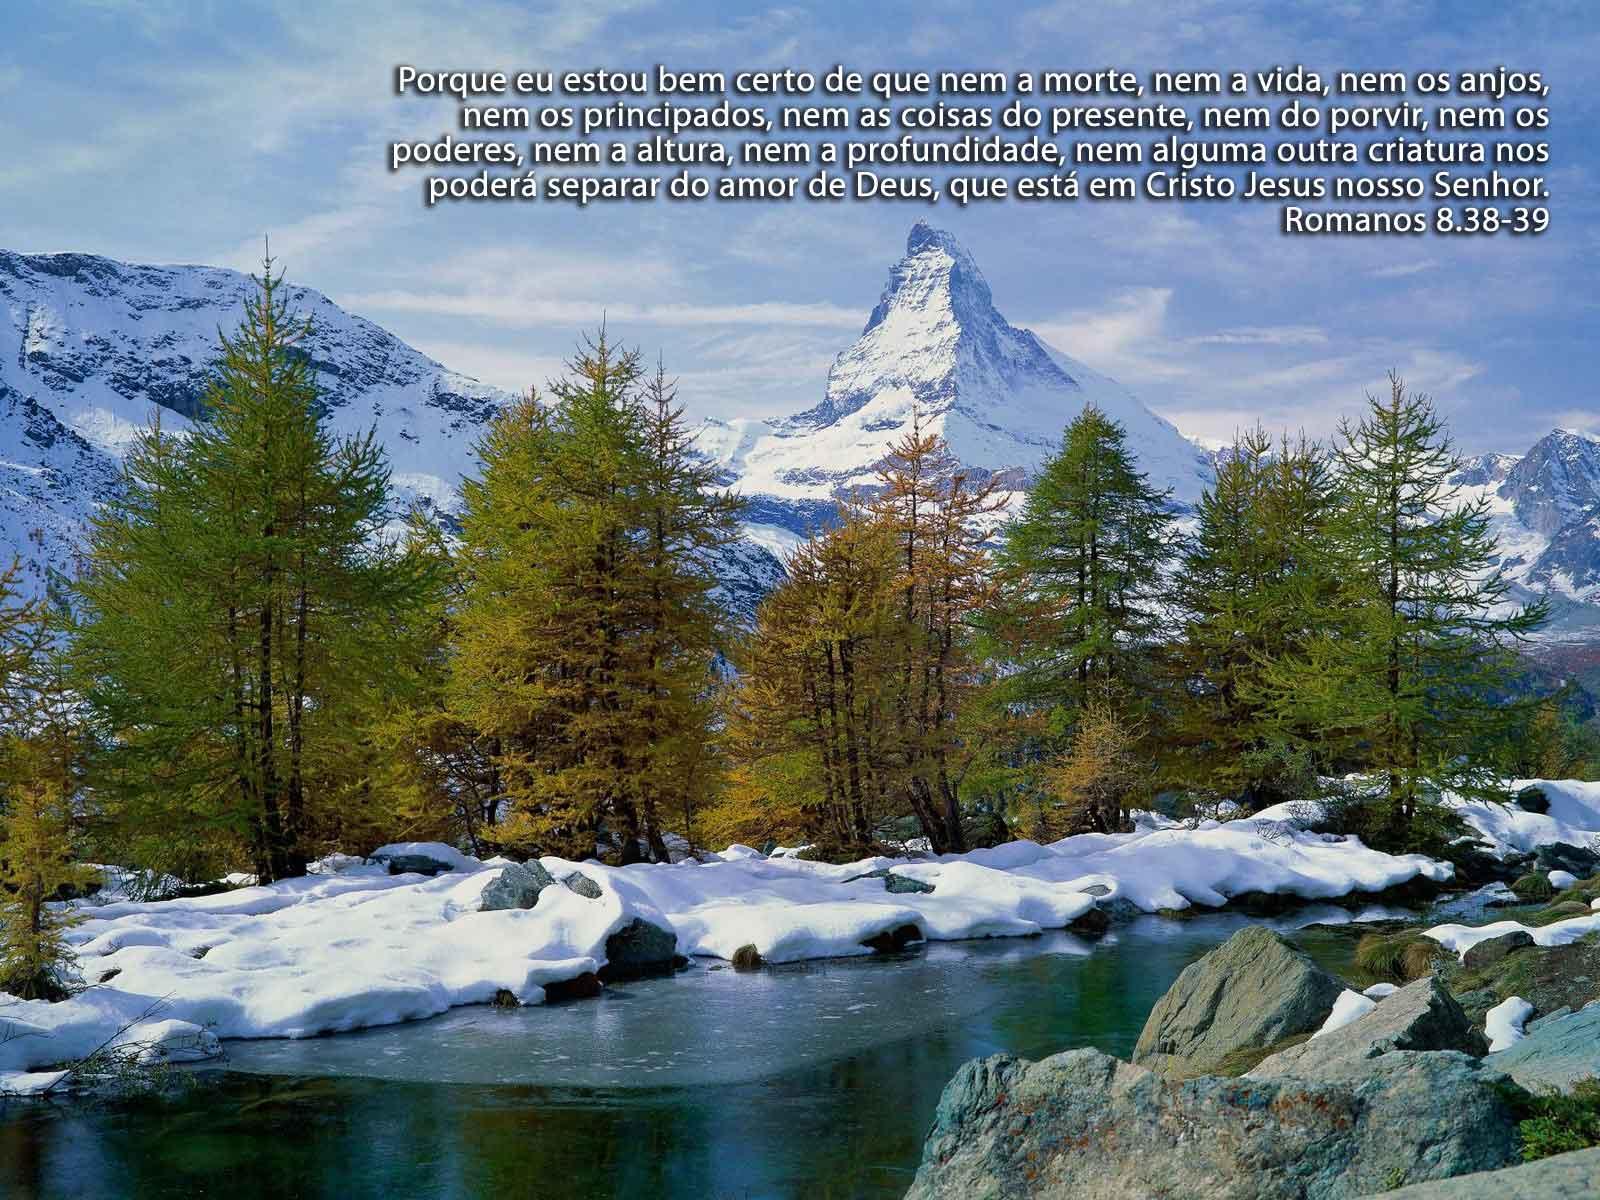 http://devocionaldiario.com.br/imagens/trees_contrast.jpg